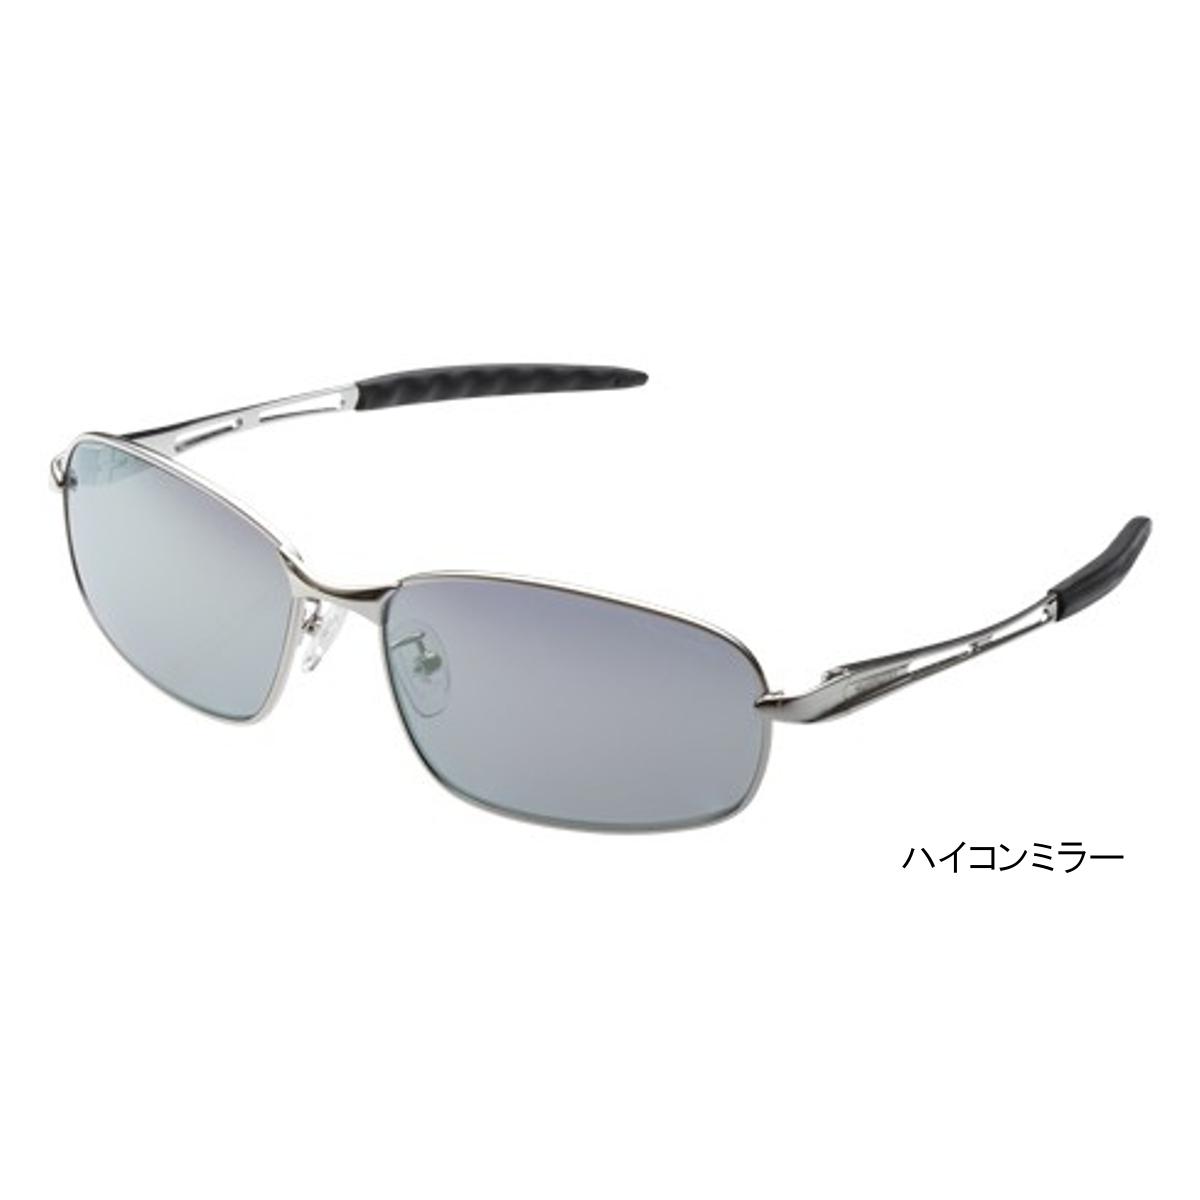 シマノ フィッシンググラス LIMITED PRO HG-331R ハイコンミラー(東日本店)